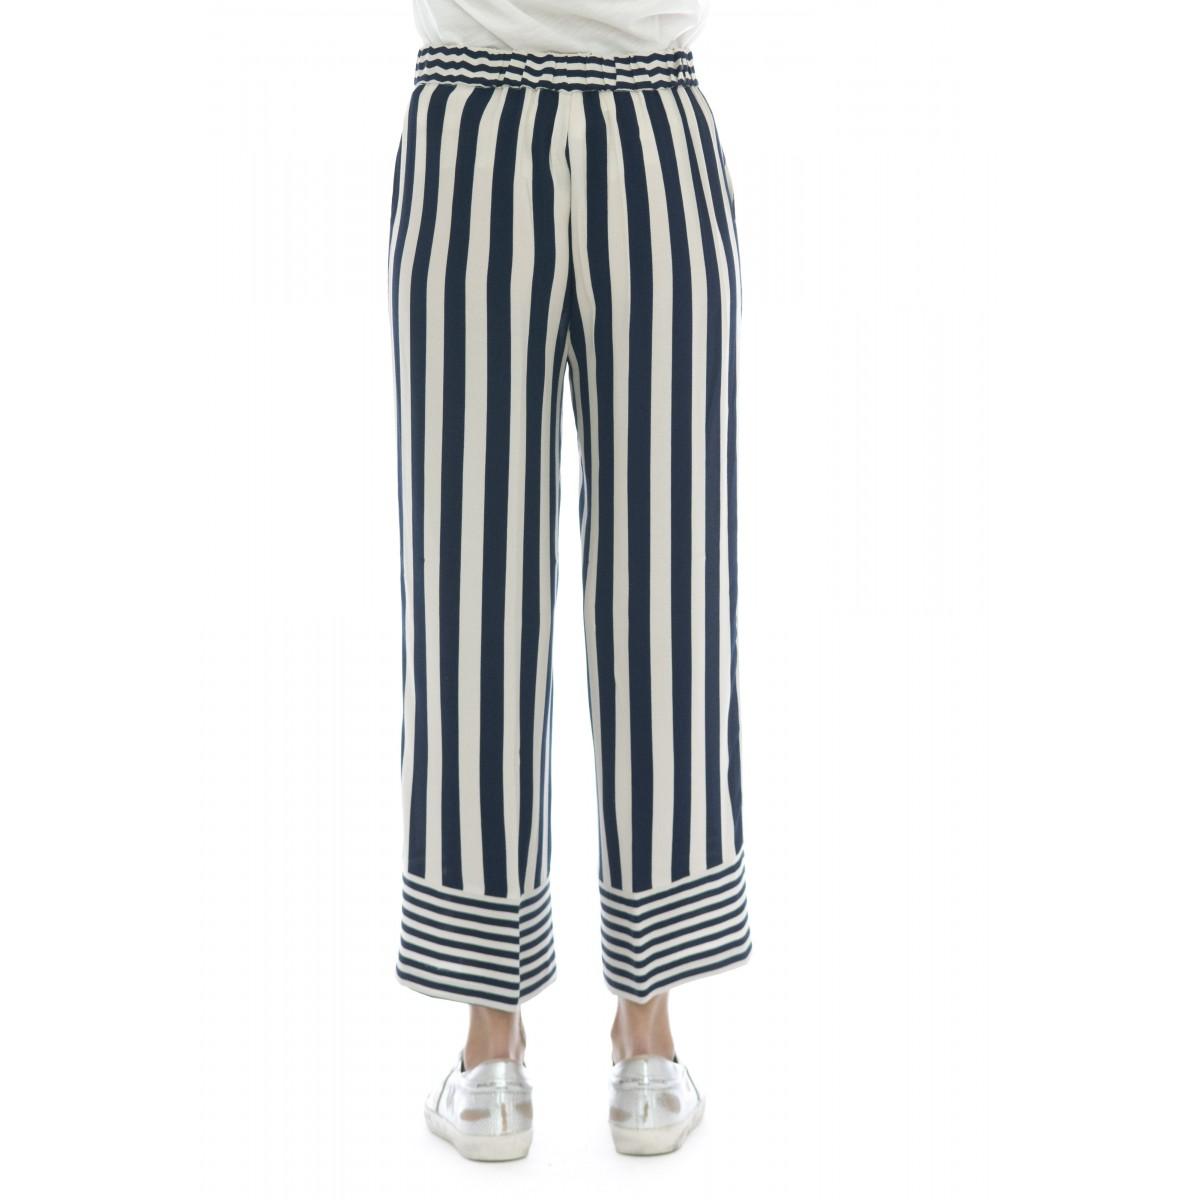 Pantalone donna - Maurice pantalone rigato